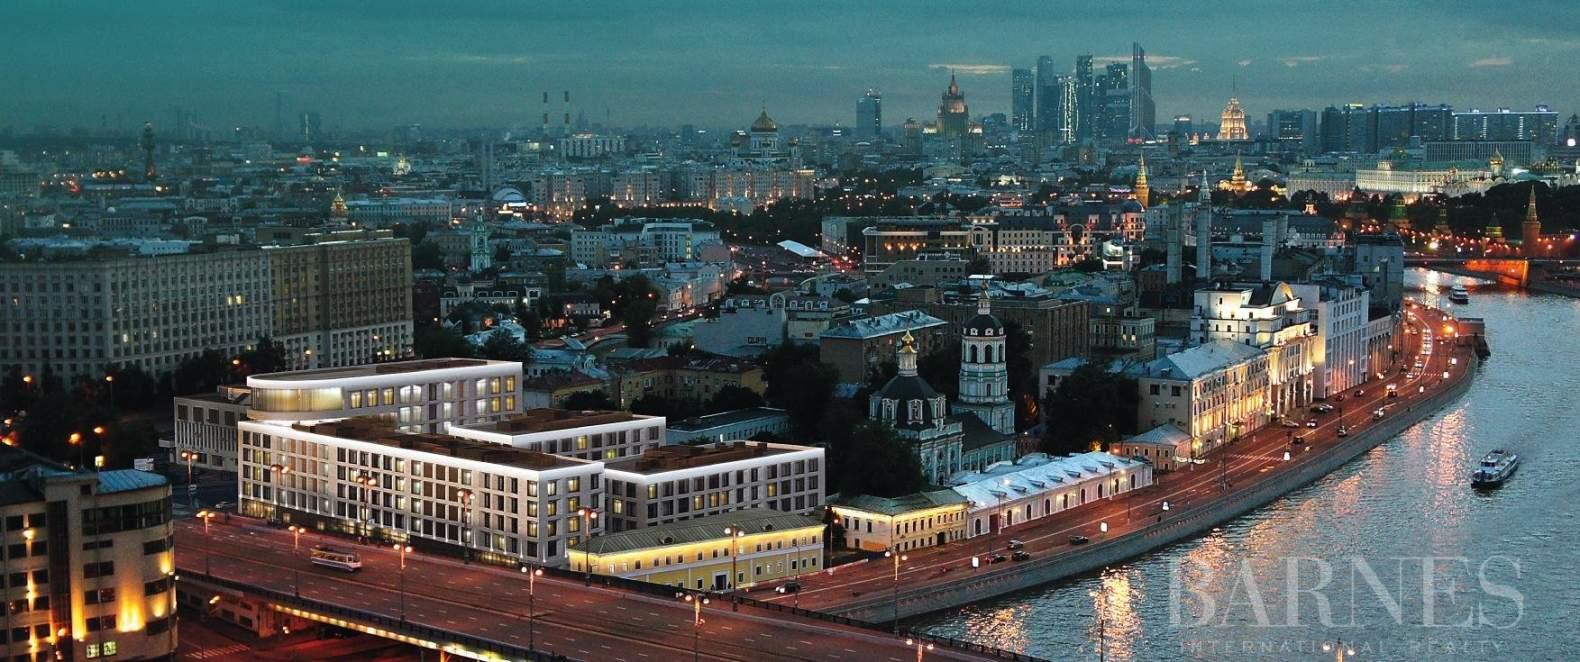 Moscow  - Апартаменты 2 Комнаты, 1 Спальня - picture 7